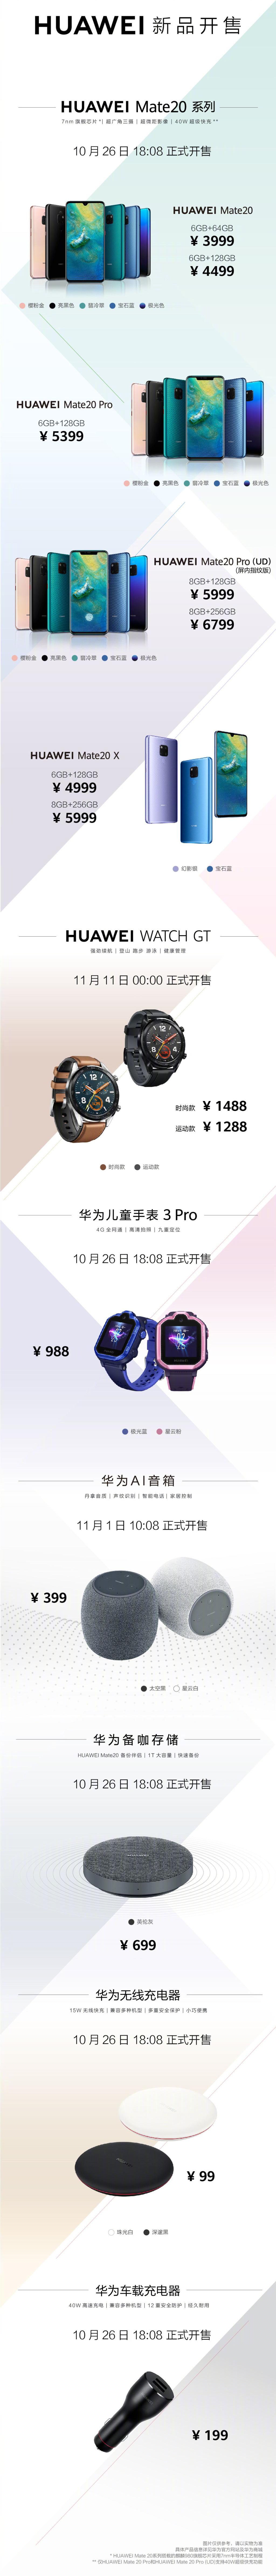 3999元起 国行华为Mate 20发布:全系麒麟980